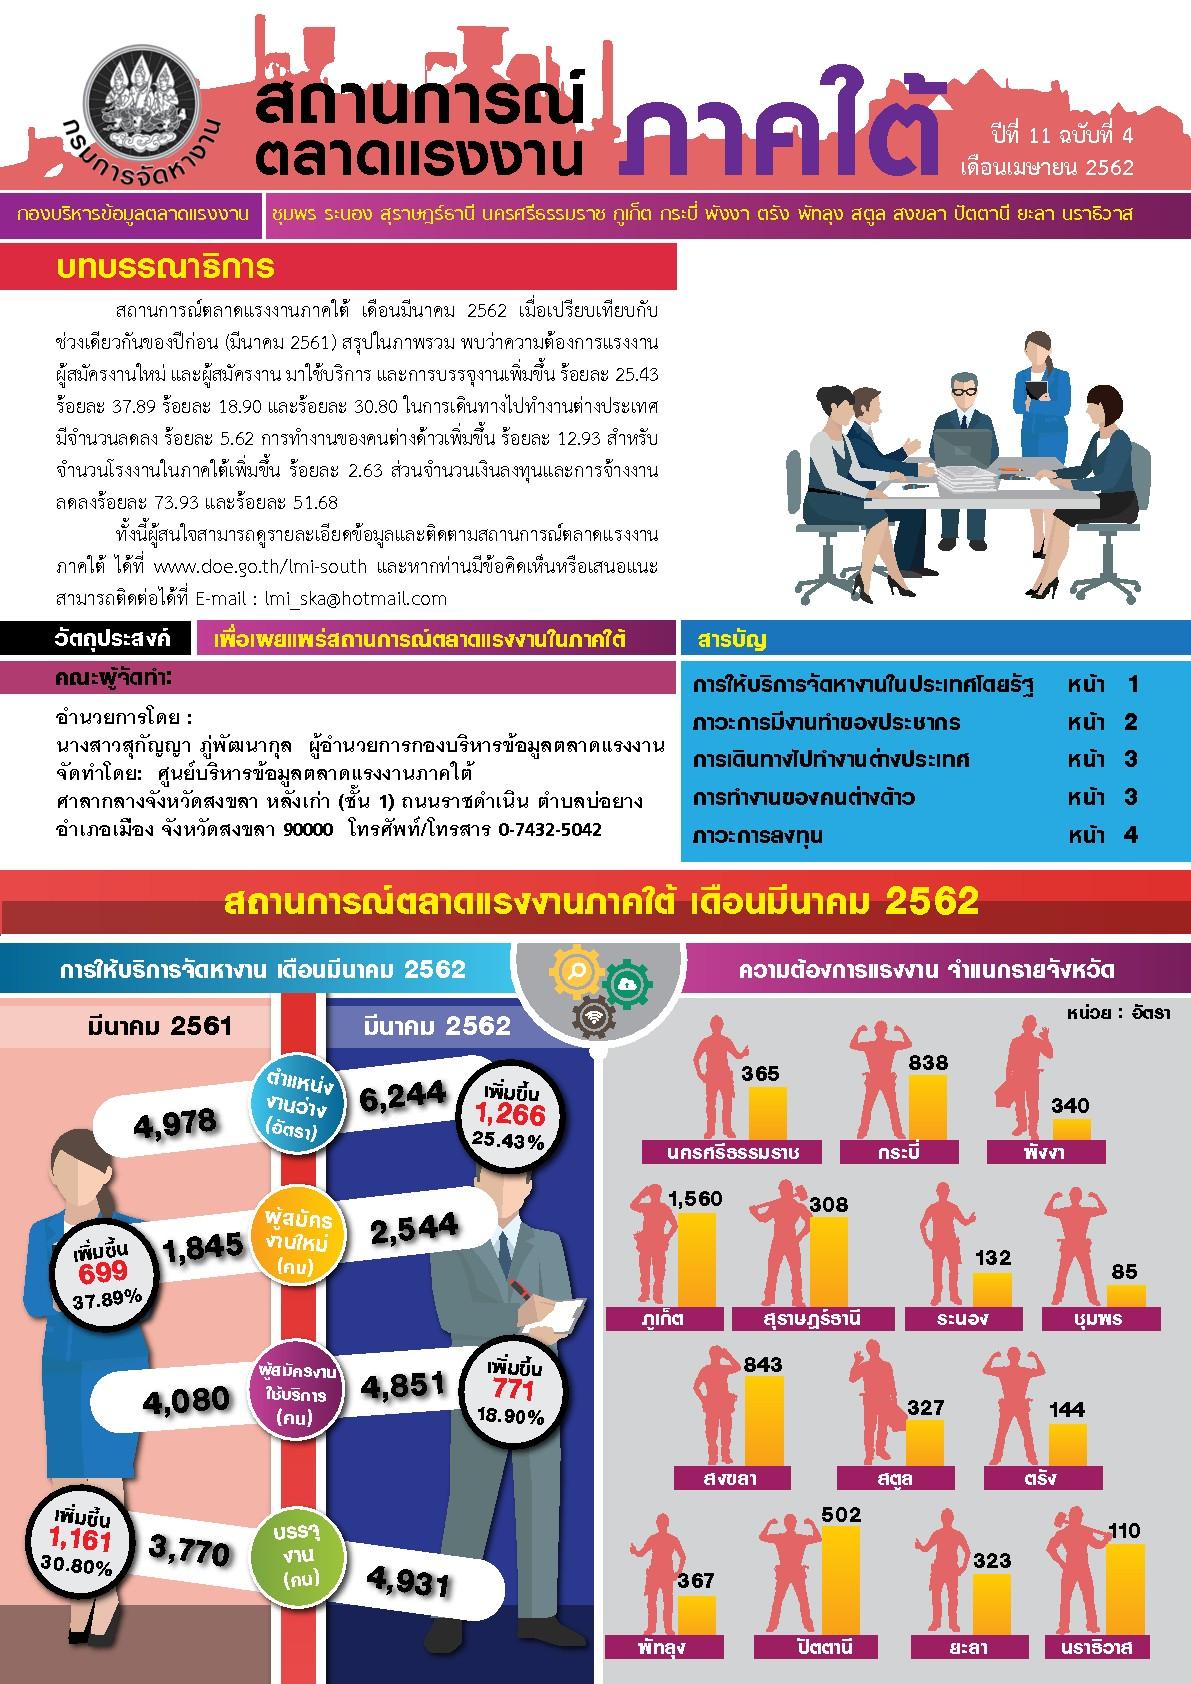 วารสารสถานการณ์ตลาดแรงงานภาคใต้ ปีที่ 11 ฉบับที่ 4 เดือนเมษายน 2562